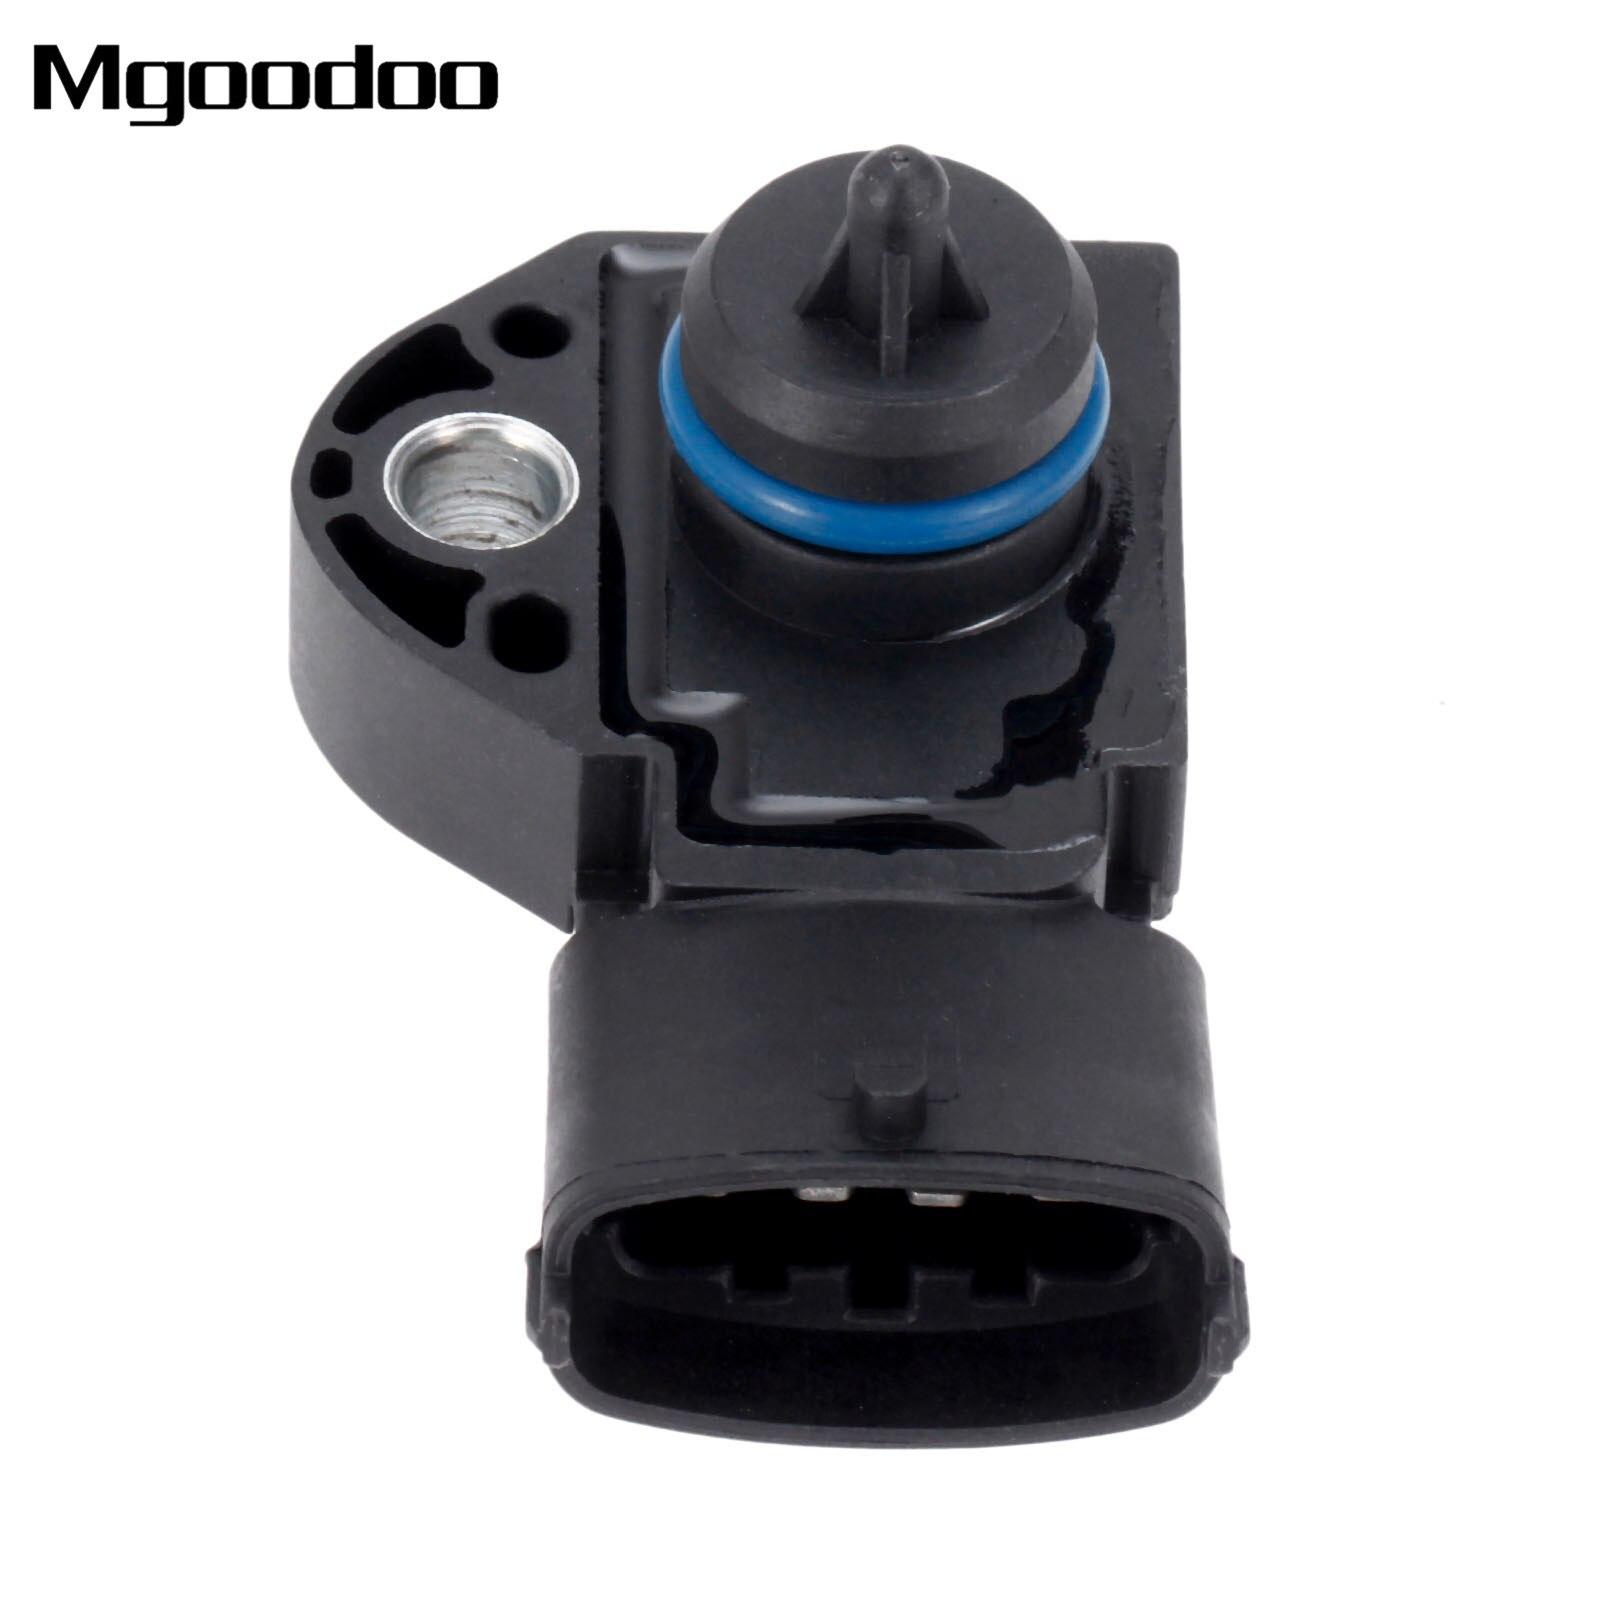 Mgoodoo Kraftstoff Druck Sensor 0261230236 31272733 Fit Für Volvo S40 V50 ich 2,4 ich 0 261 230 236-in Drucksensor aus Kraftfahrzeuge und Motorräder bei DailyWareCenter